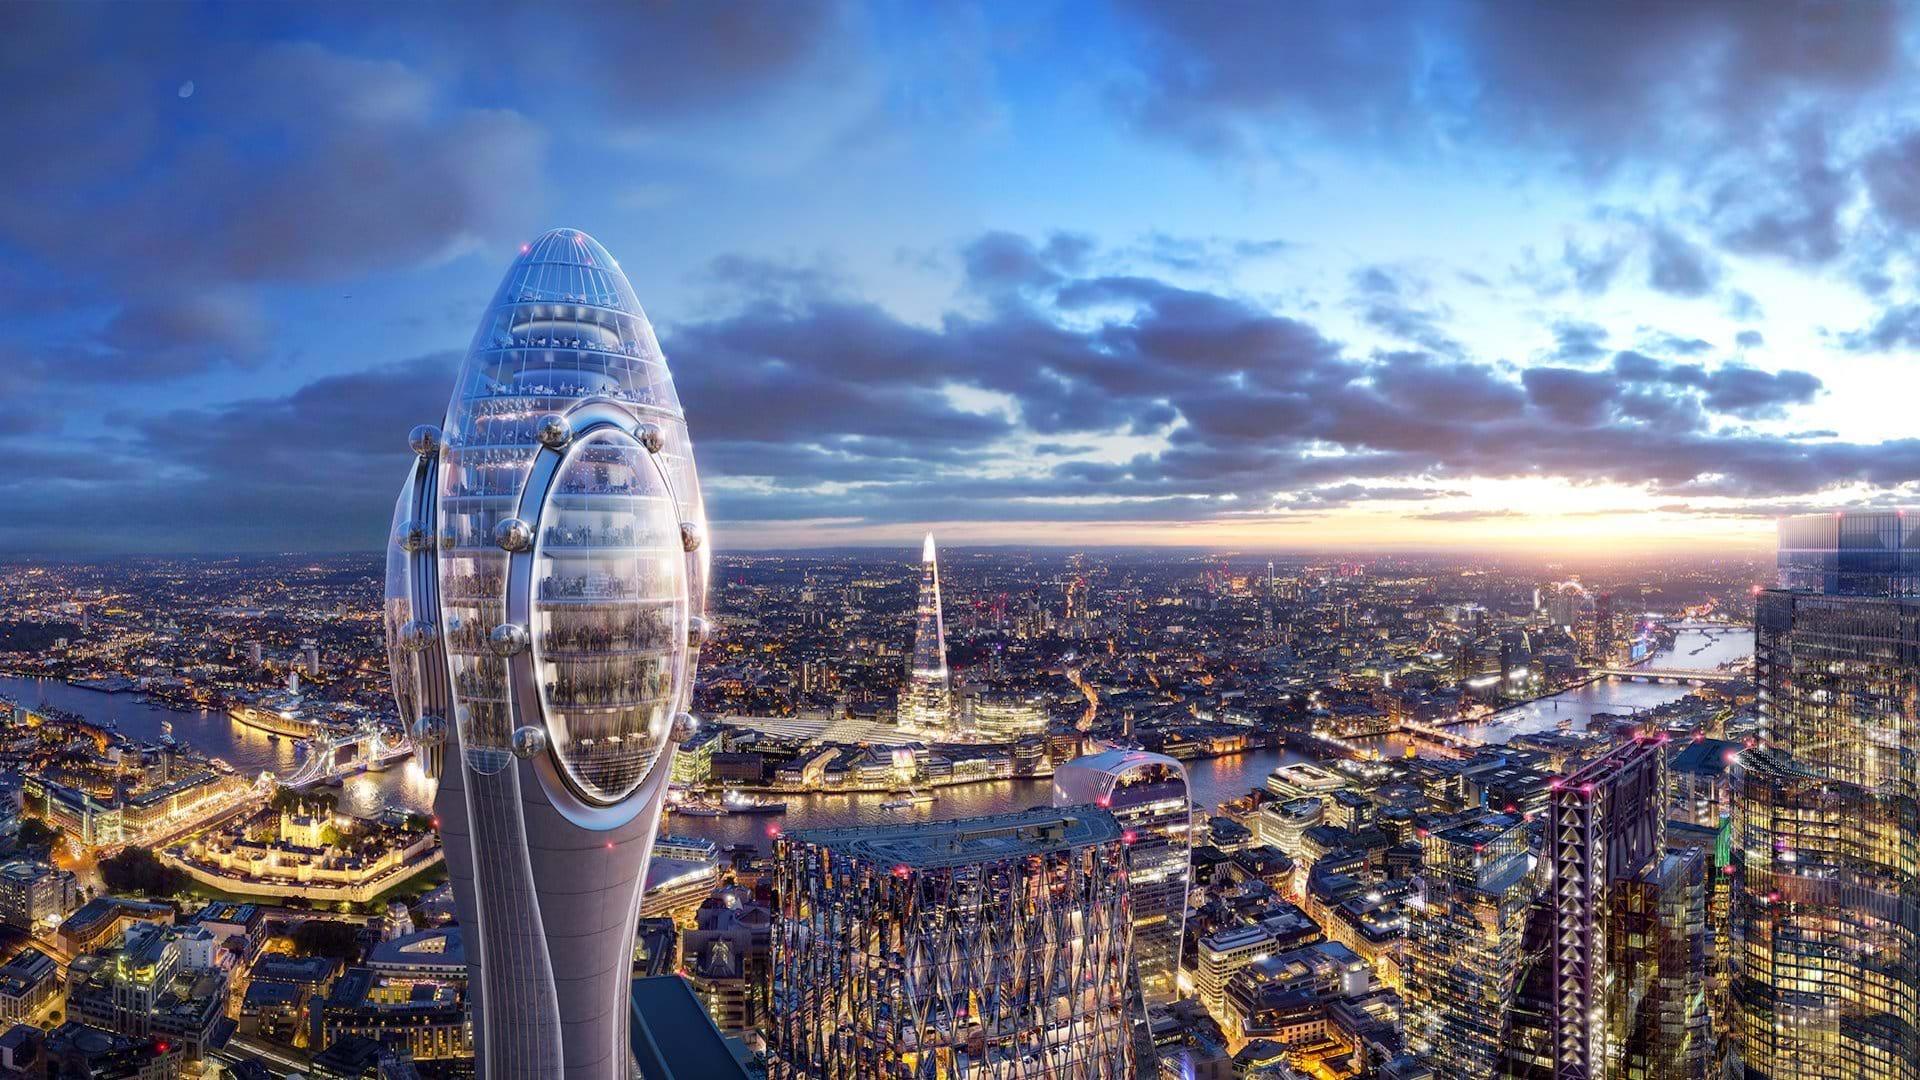 La impresionante y futurista torre mirador de Londres: The Tulip